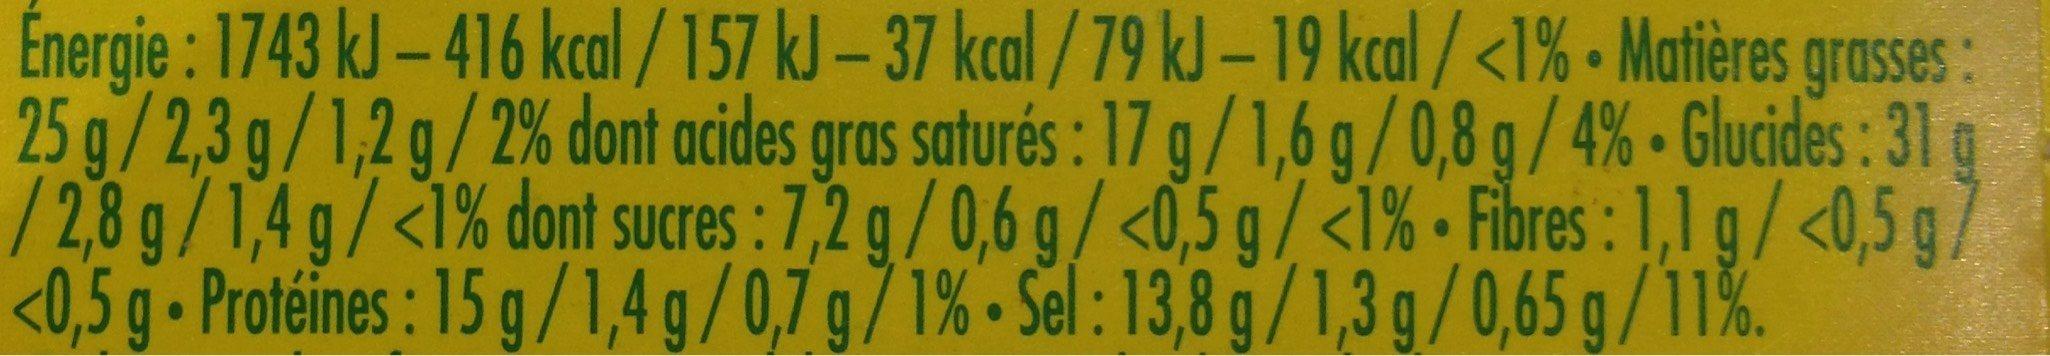 Jus de rôti - Nutrition facts